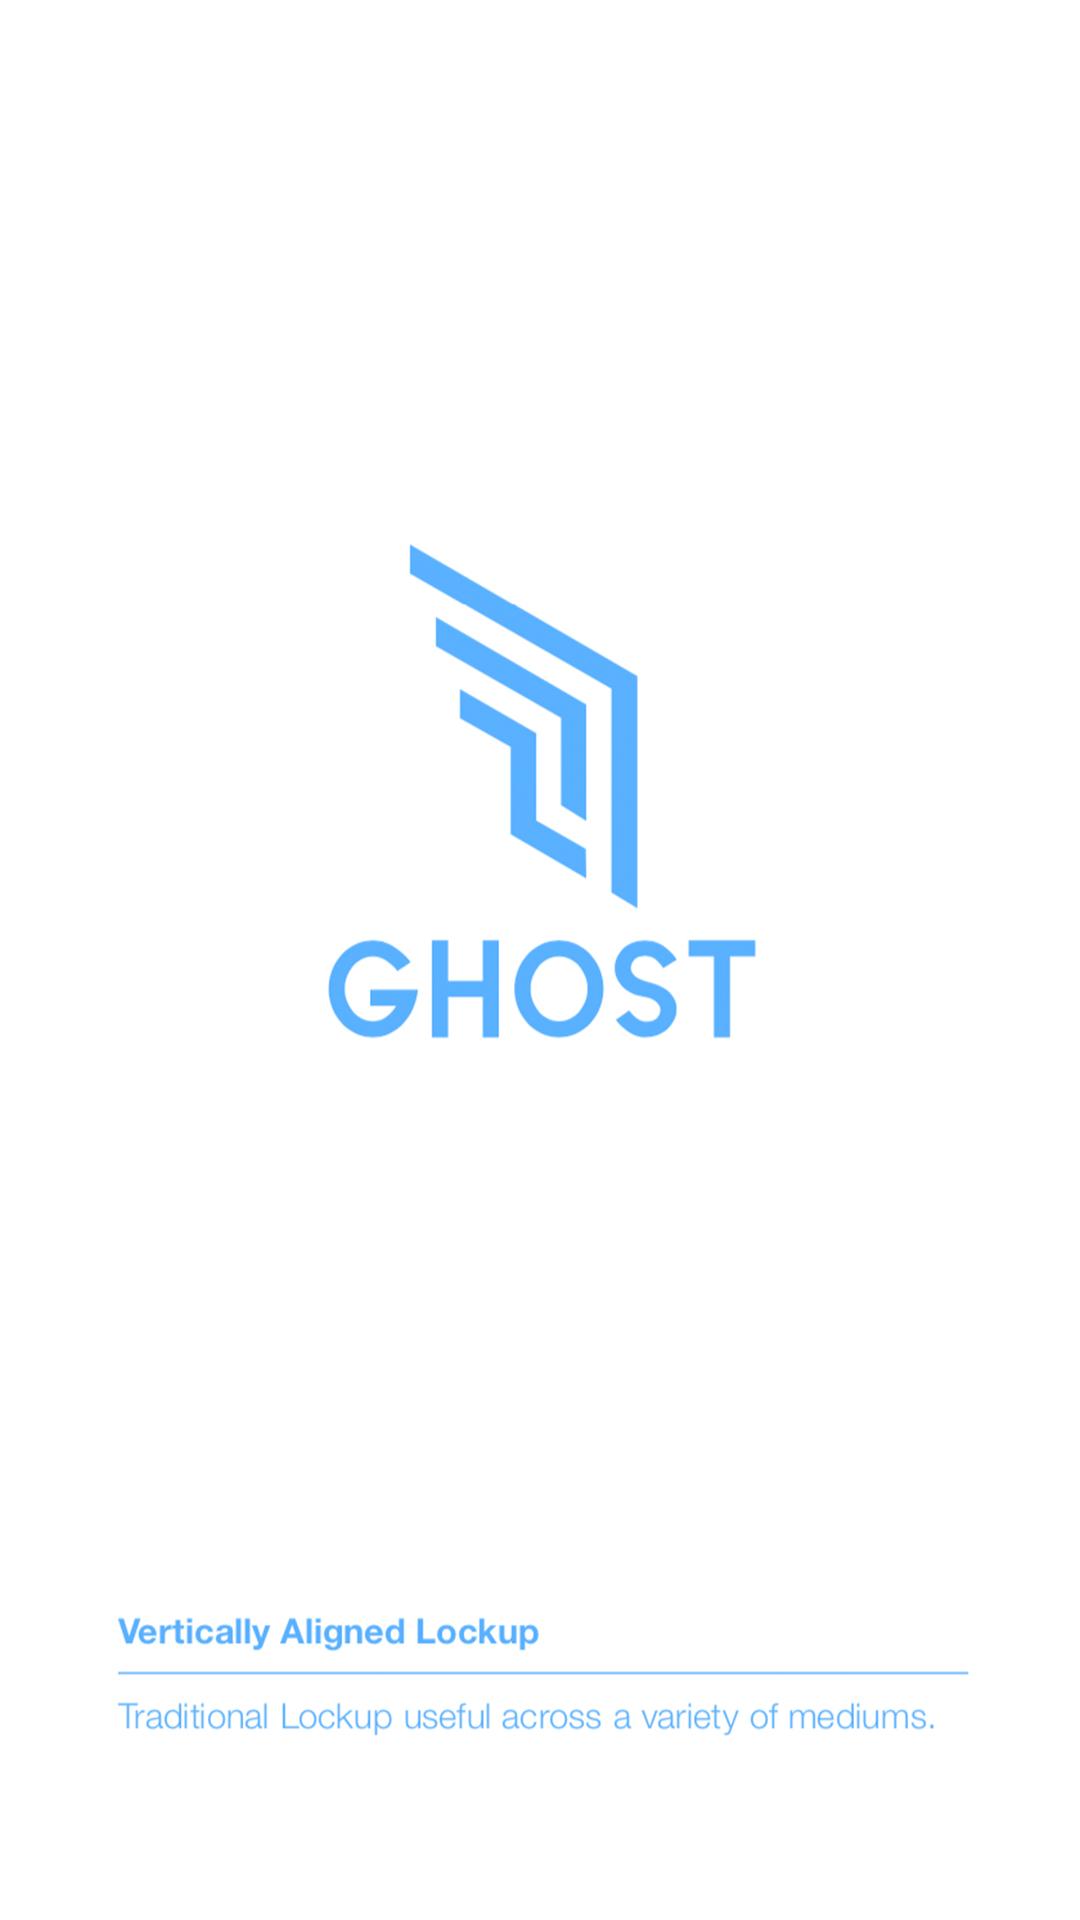 ghost_0001_02.jpg